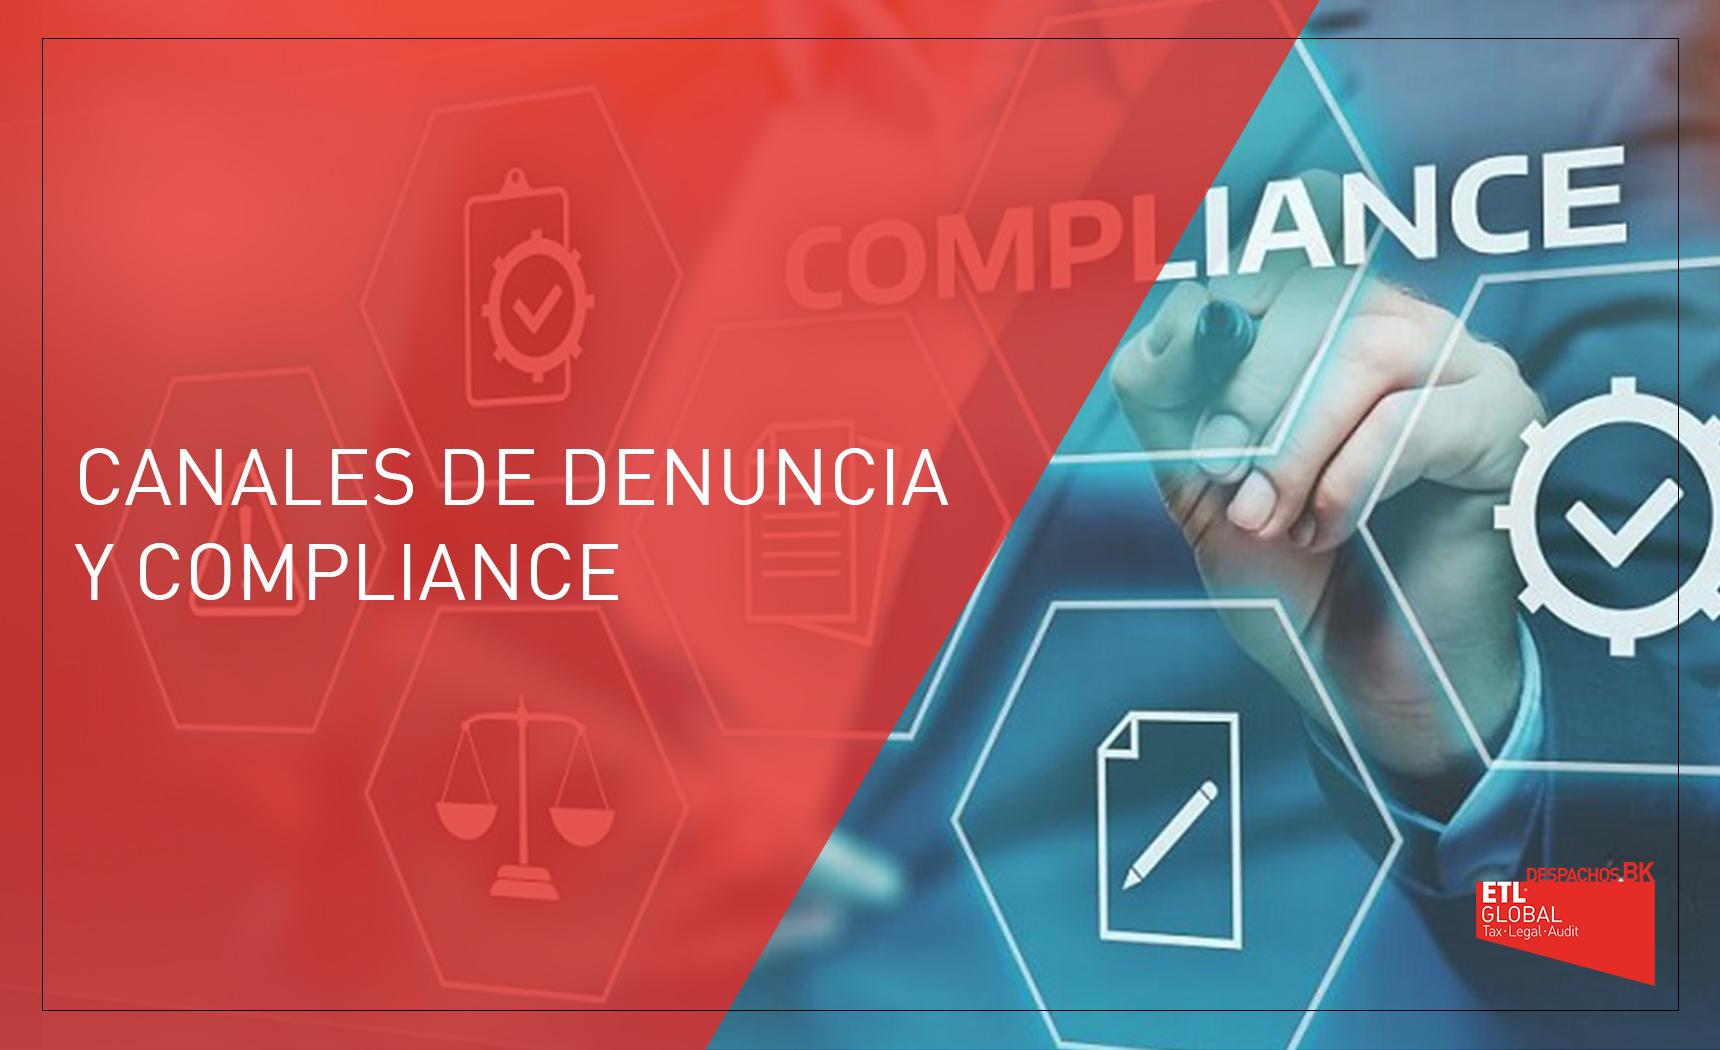 canales de denuncia y compliance